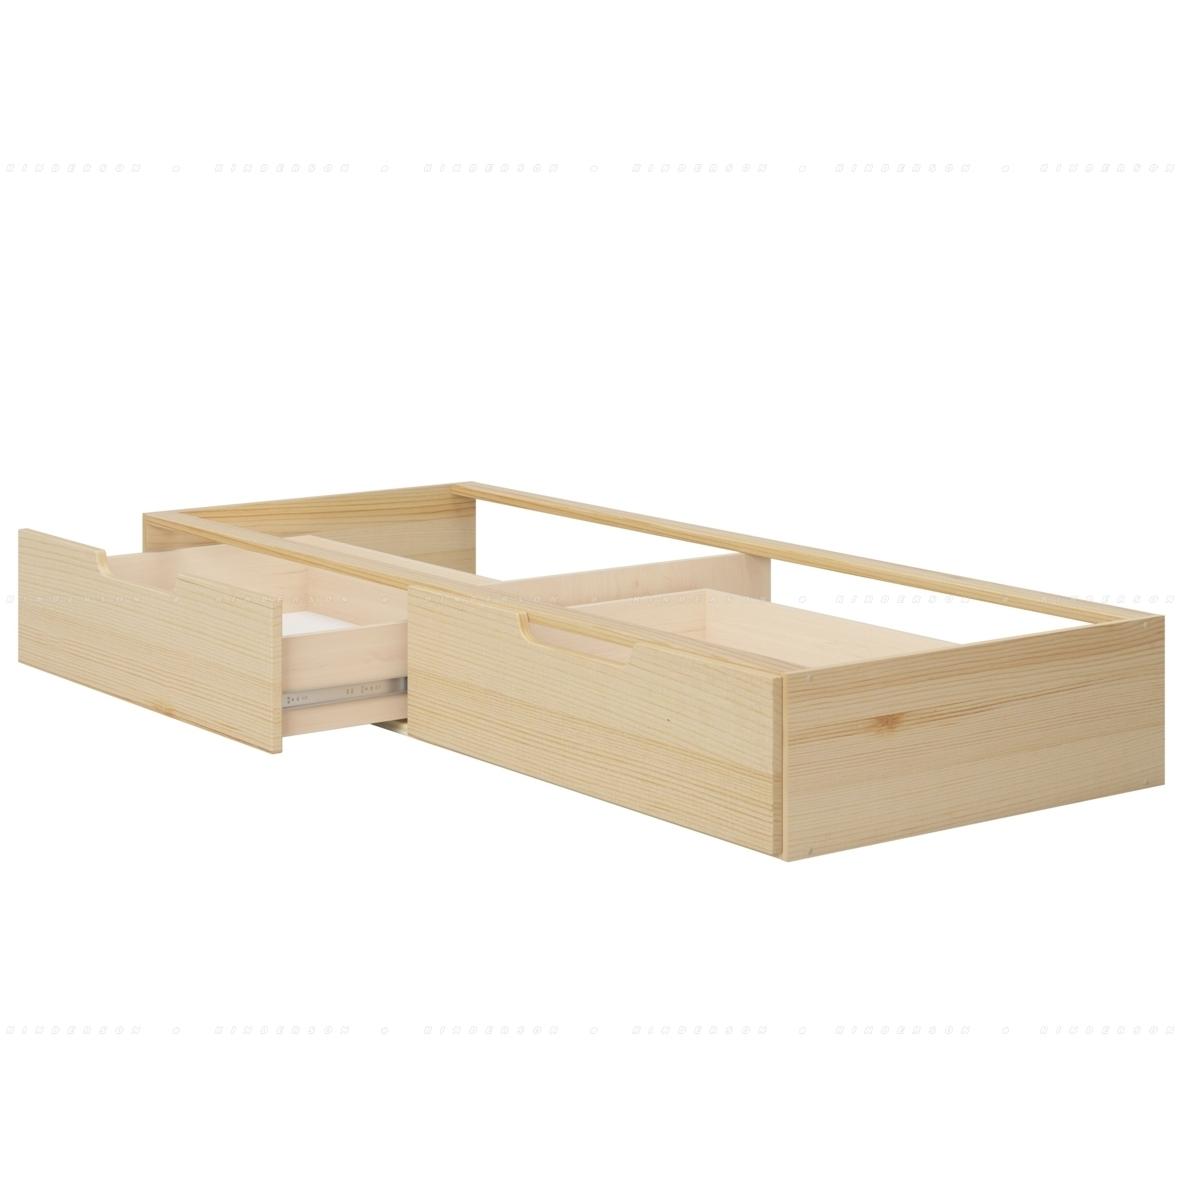 Корпус с двумя ящиками для встраивания в любую кровать нашей фабрики/